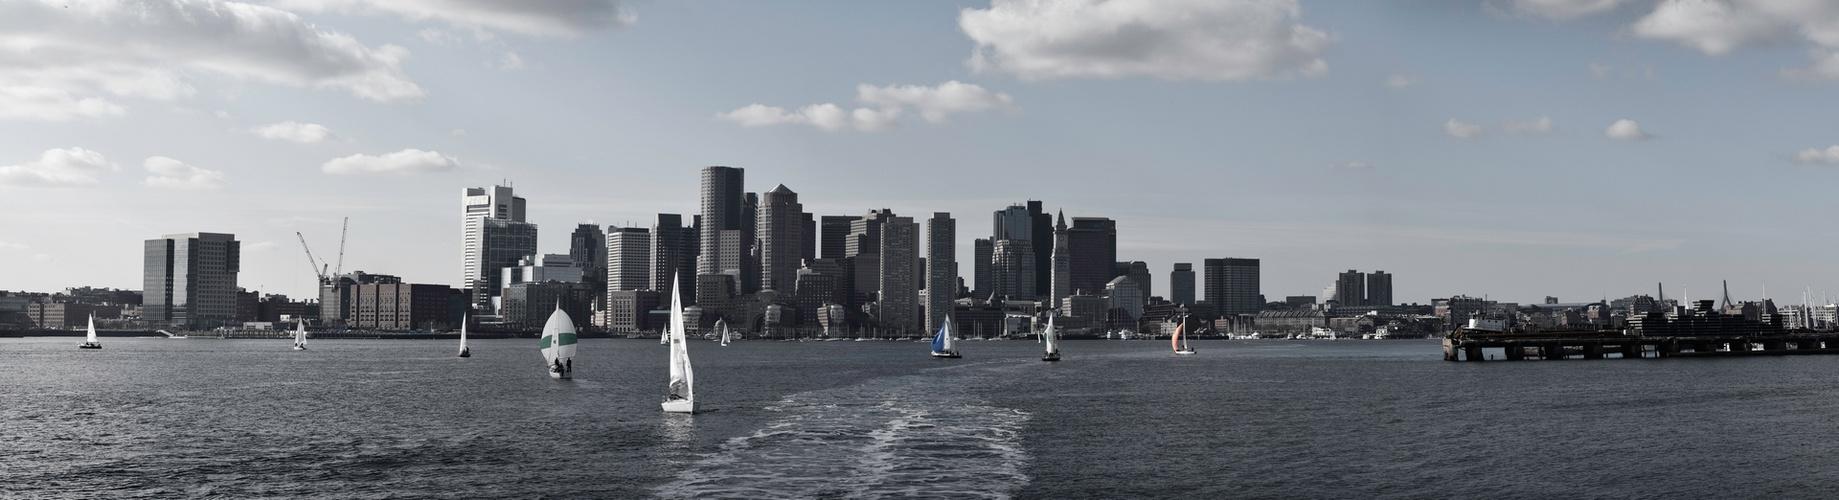 Dezembersonne im Hafen von Boston